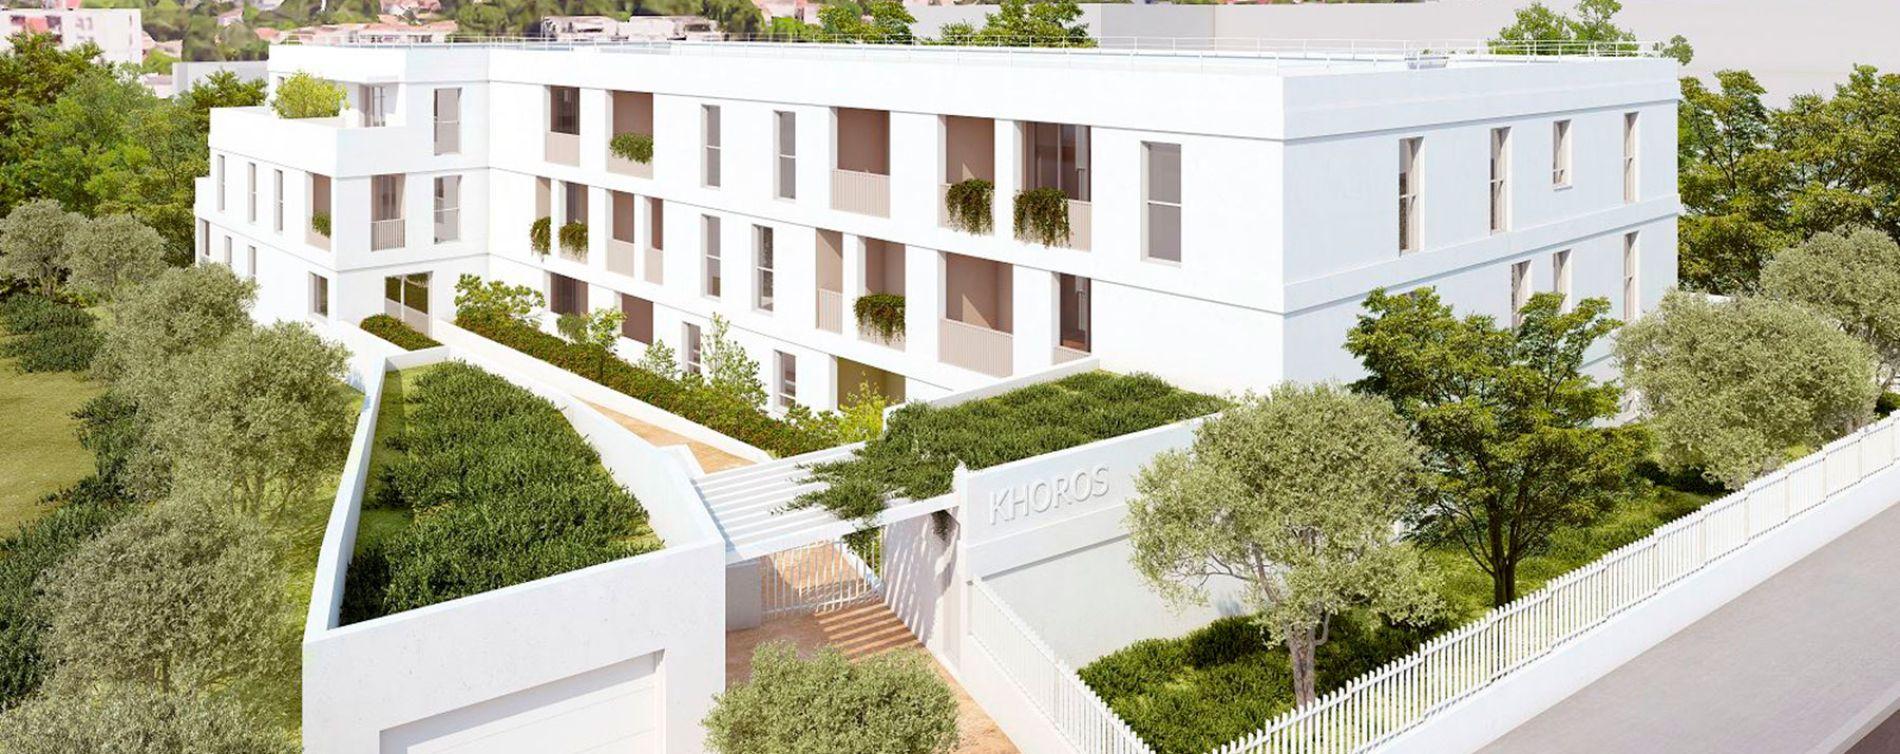 Résidence Khoros à Montpellier